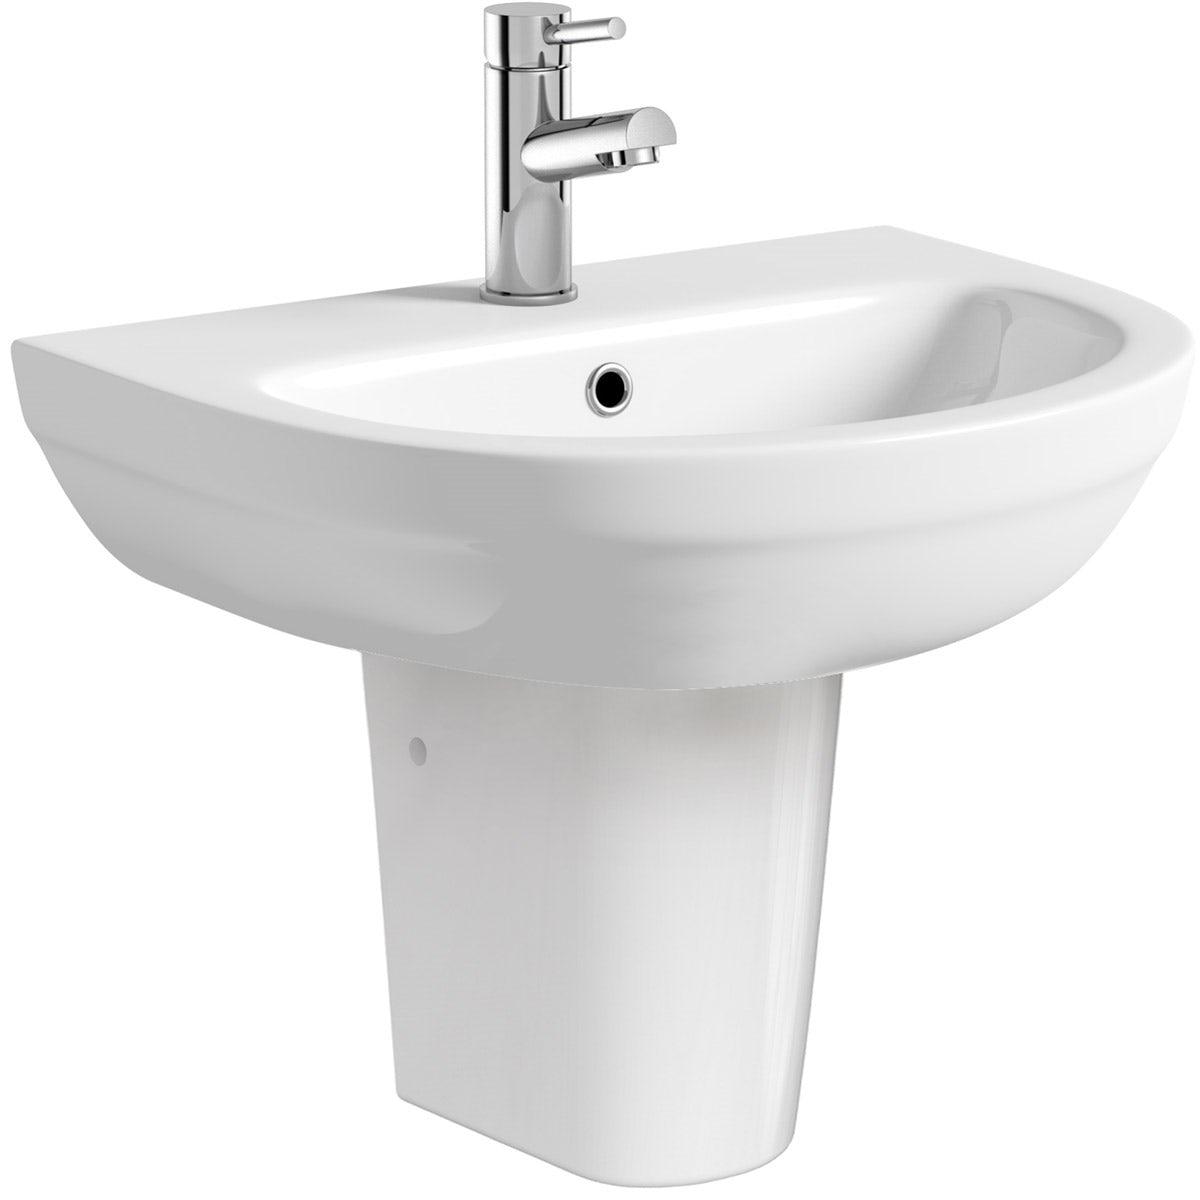 Orchard Balance 1 tap hole semi pedestal basin 540mm